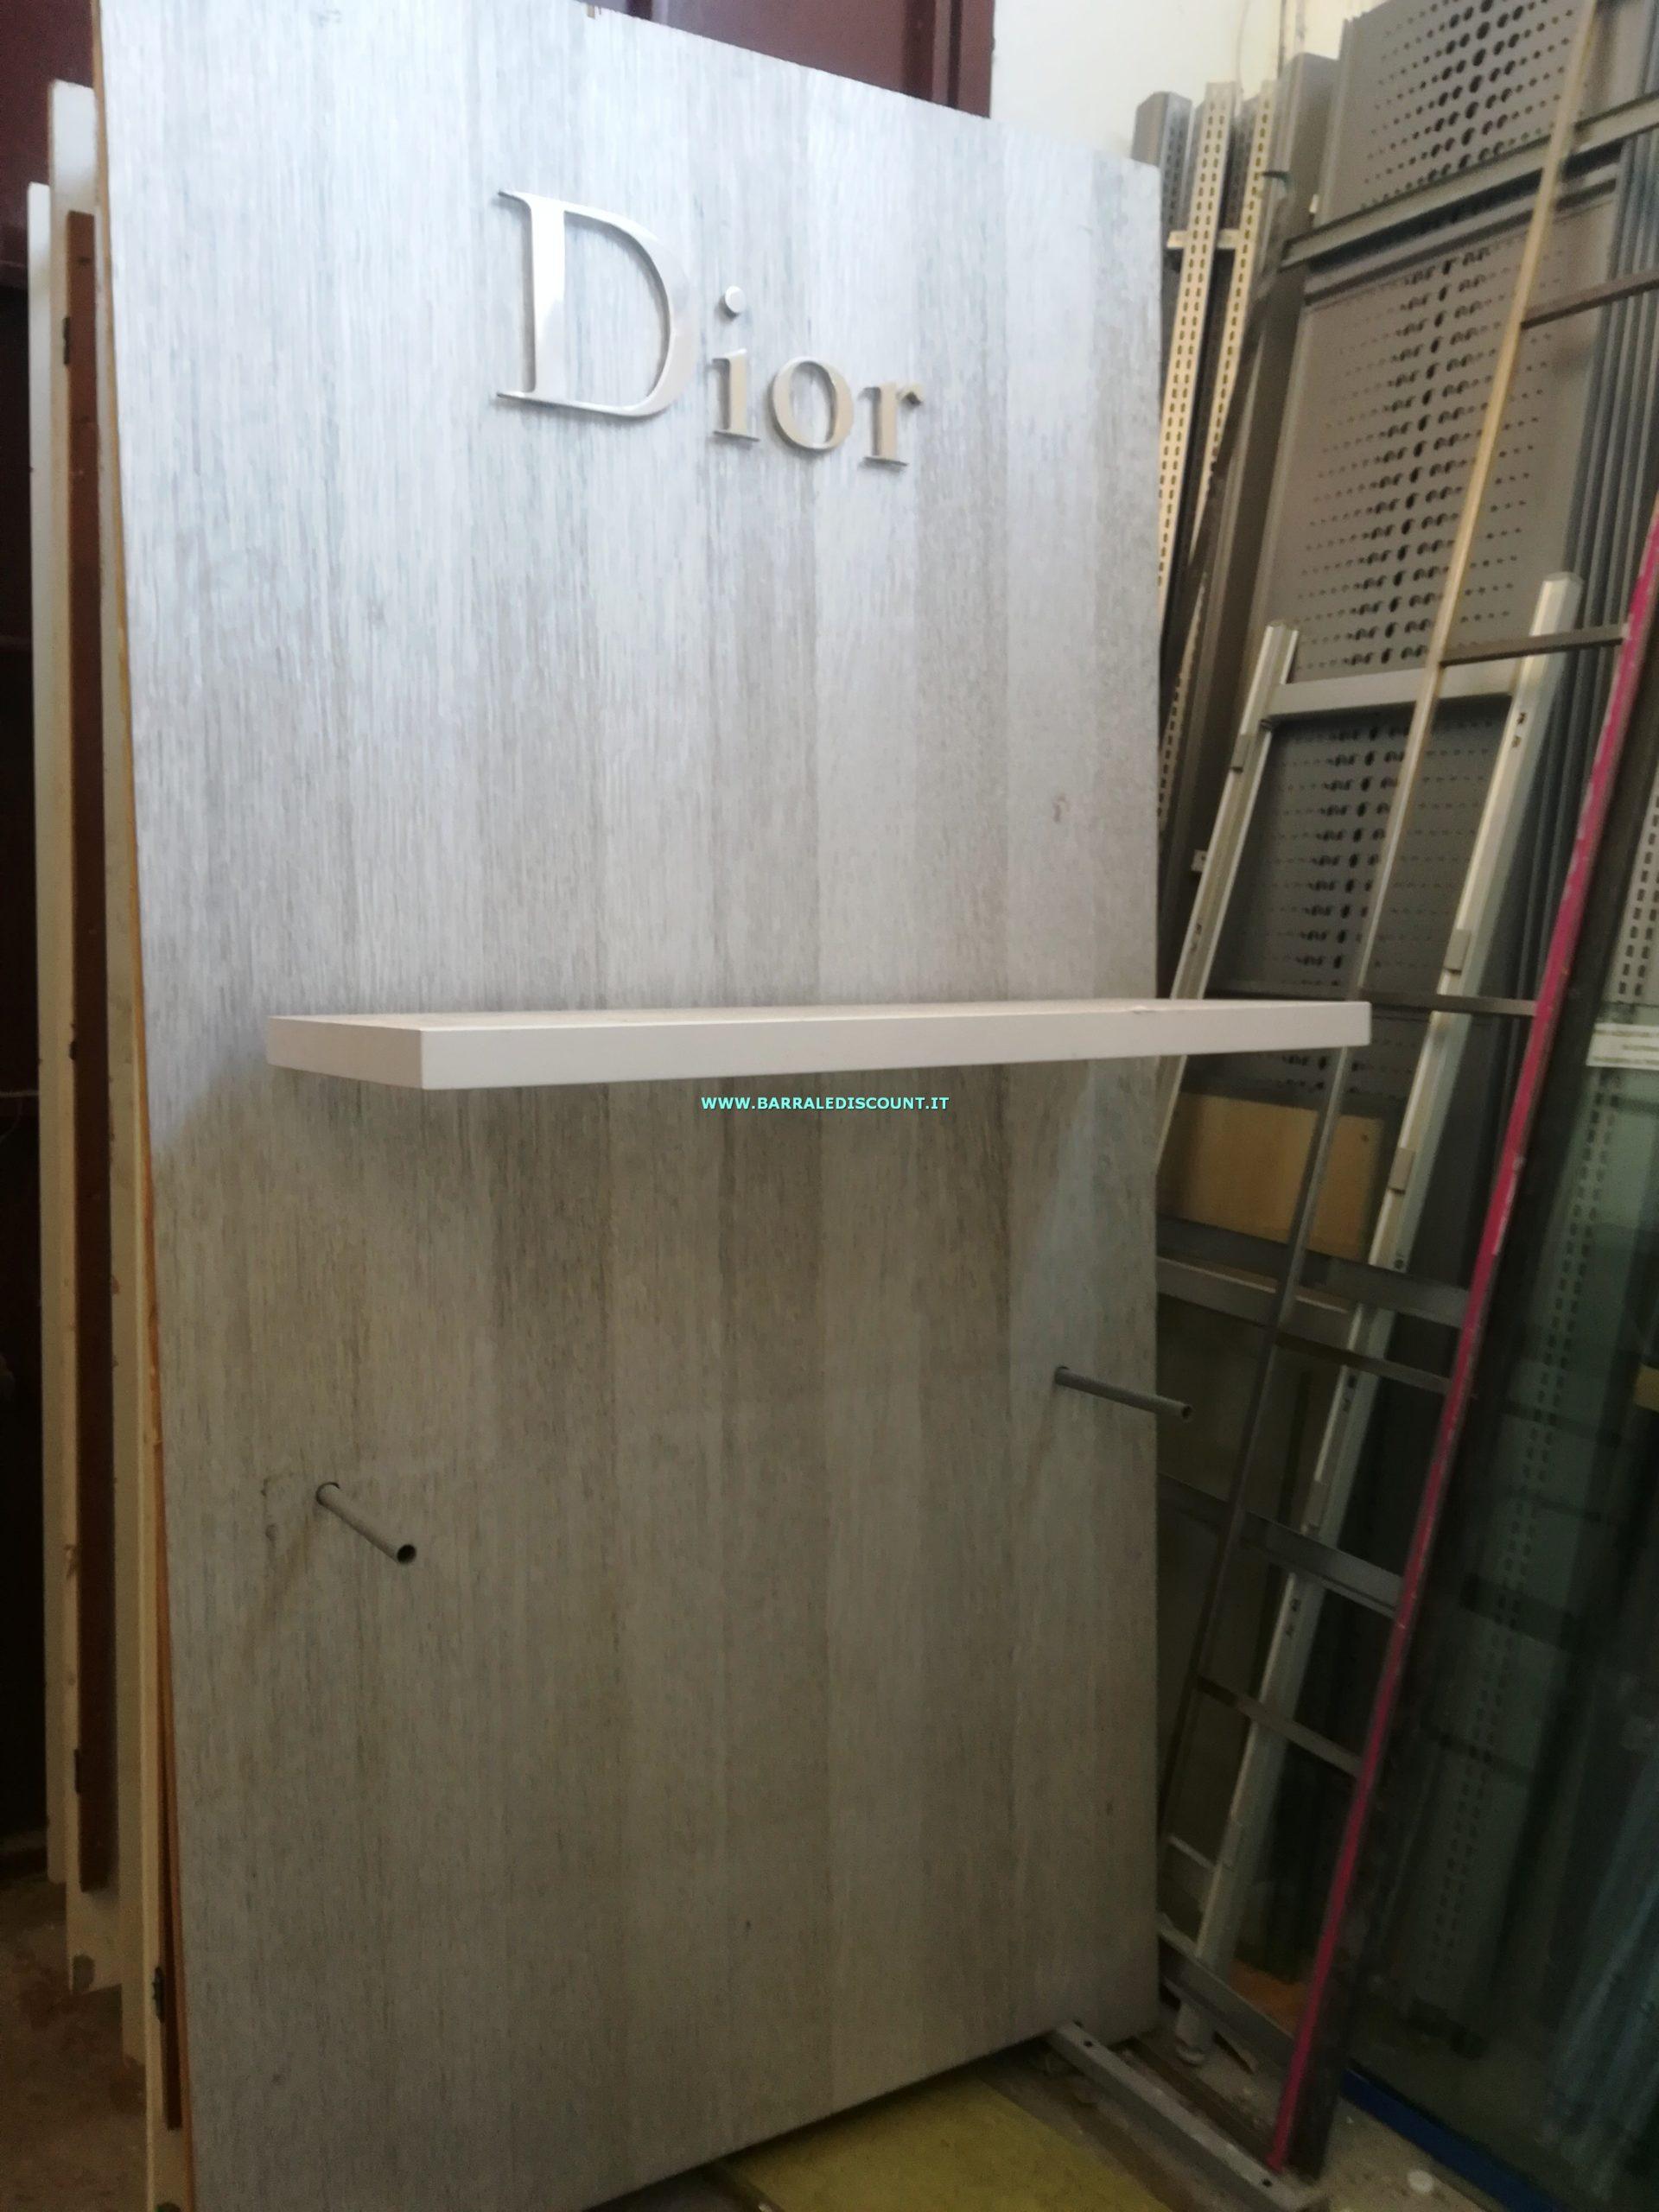 Mensole Laccate Su Misura.Arredo Dior 4099 Barrale Discount